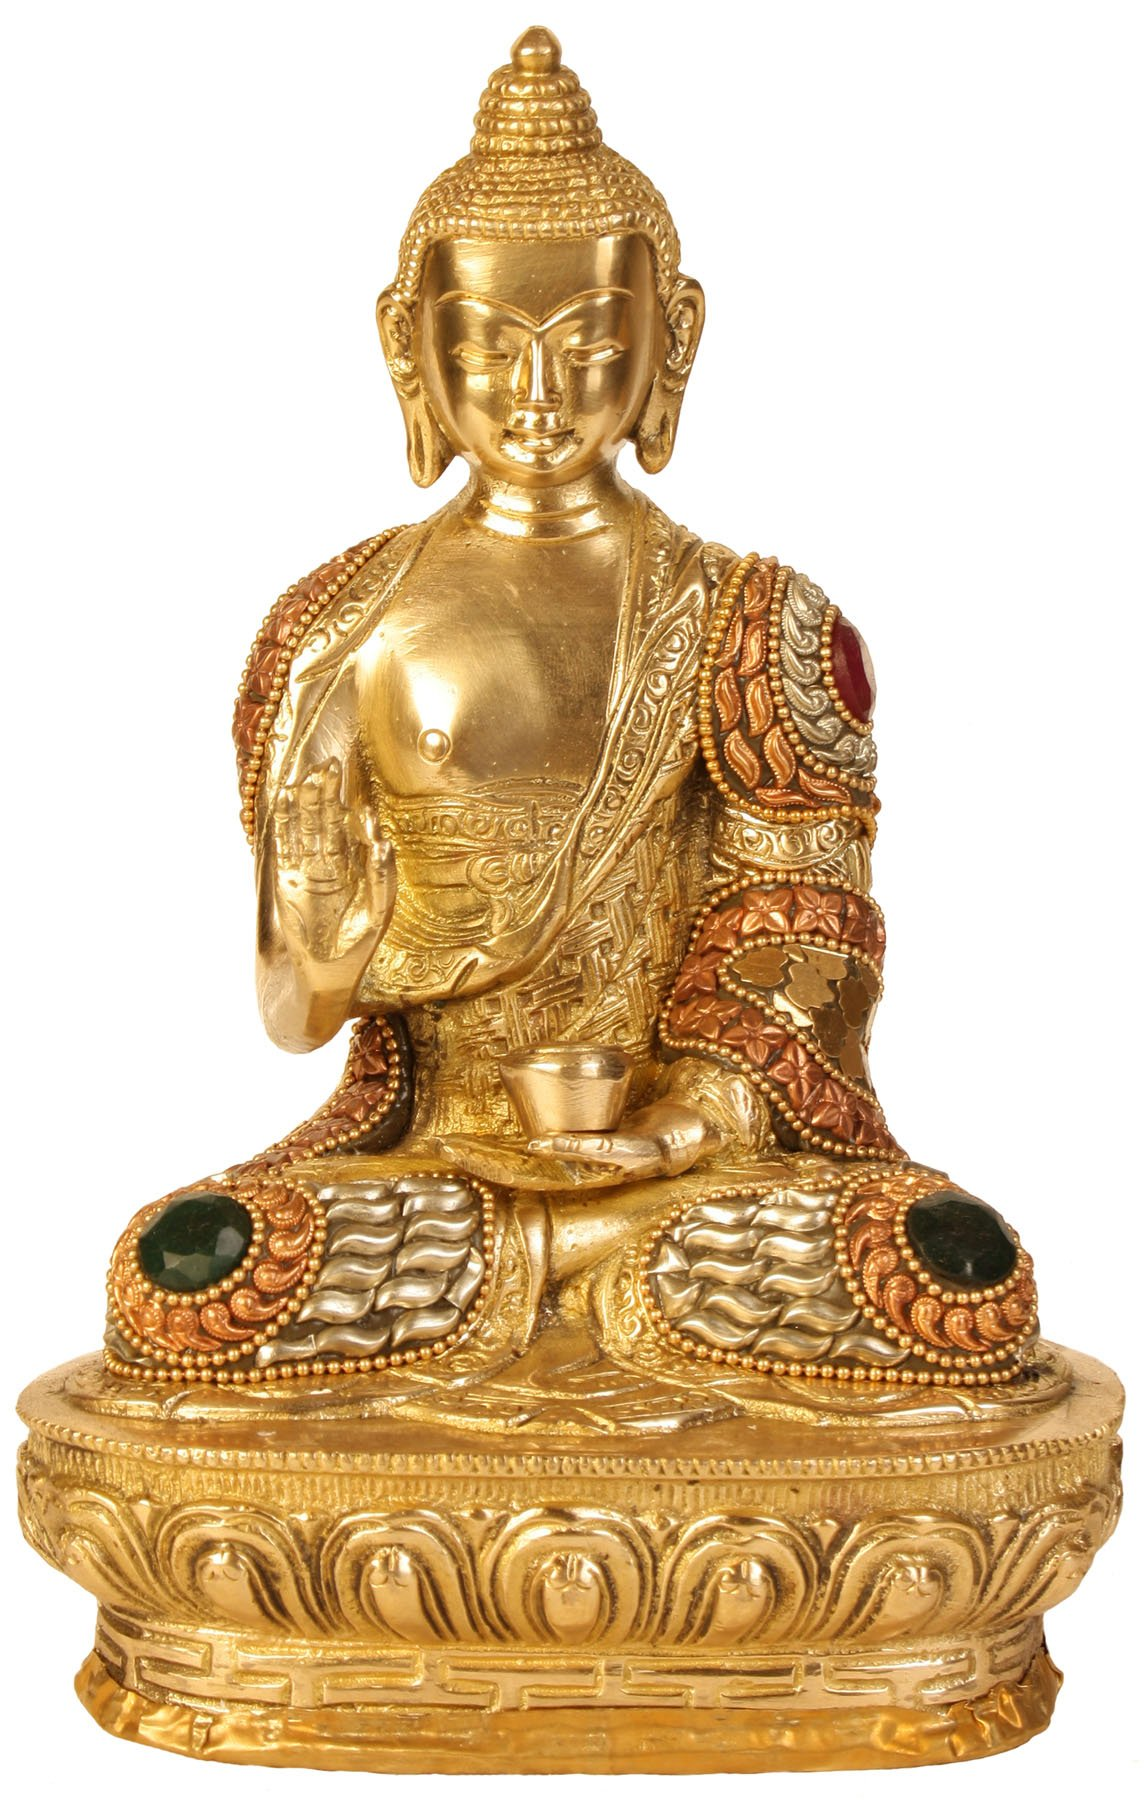 AapnoCraft Rare Thai Abhaya Buddha Sculpture Meenakari Buddha Blessing Statue/Figurine Coral Stone Work by AapnoCraft